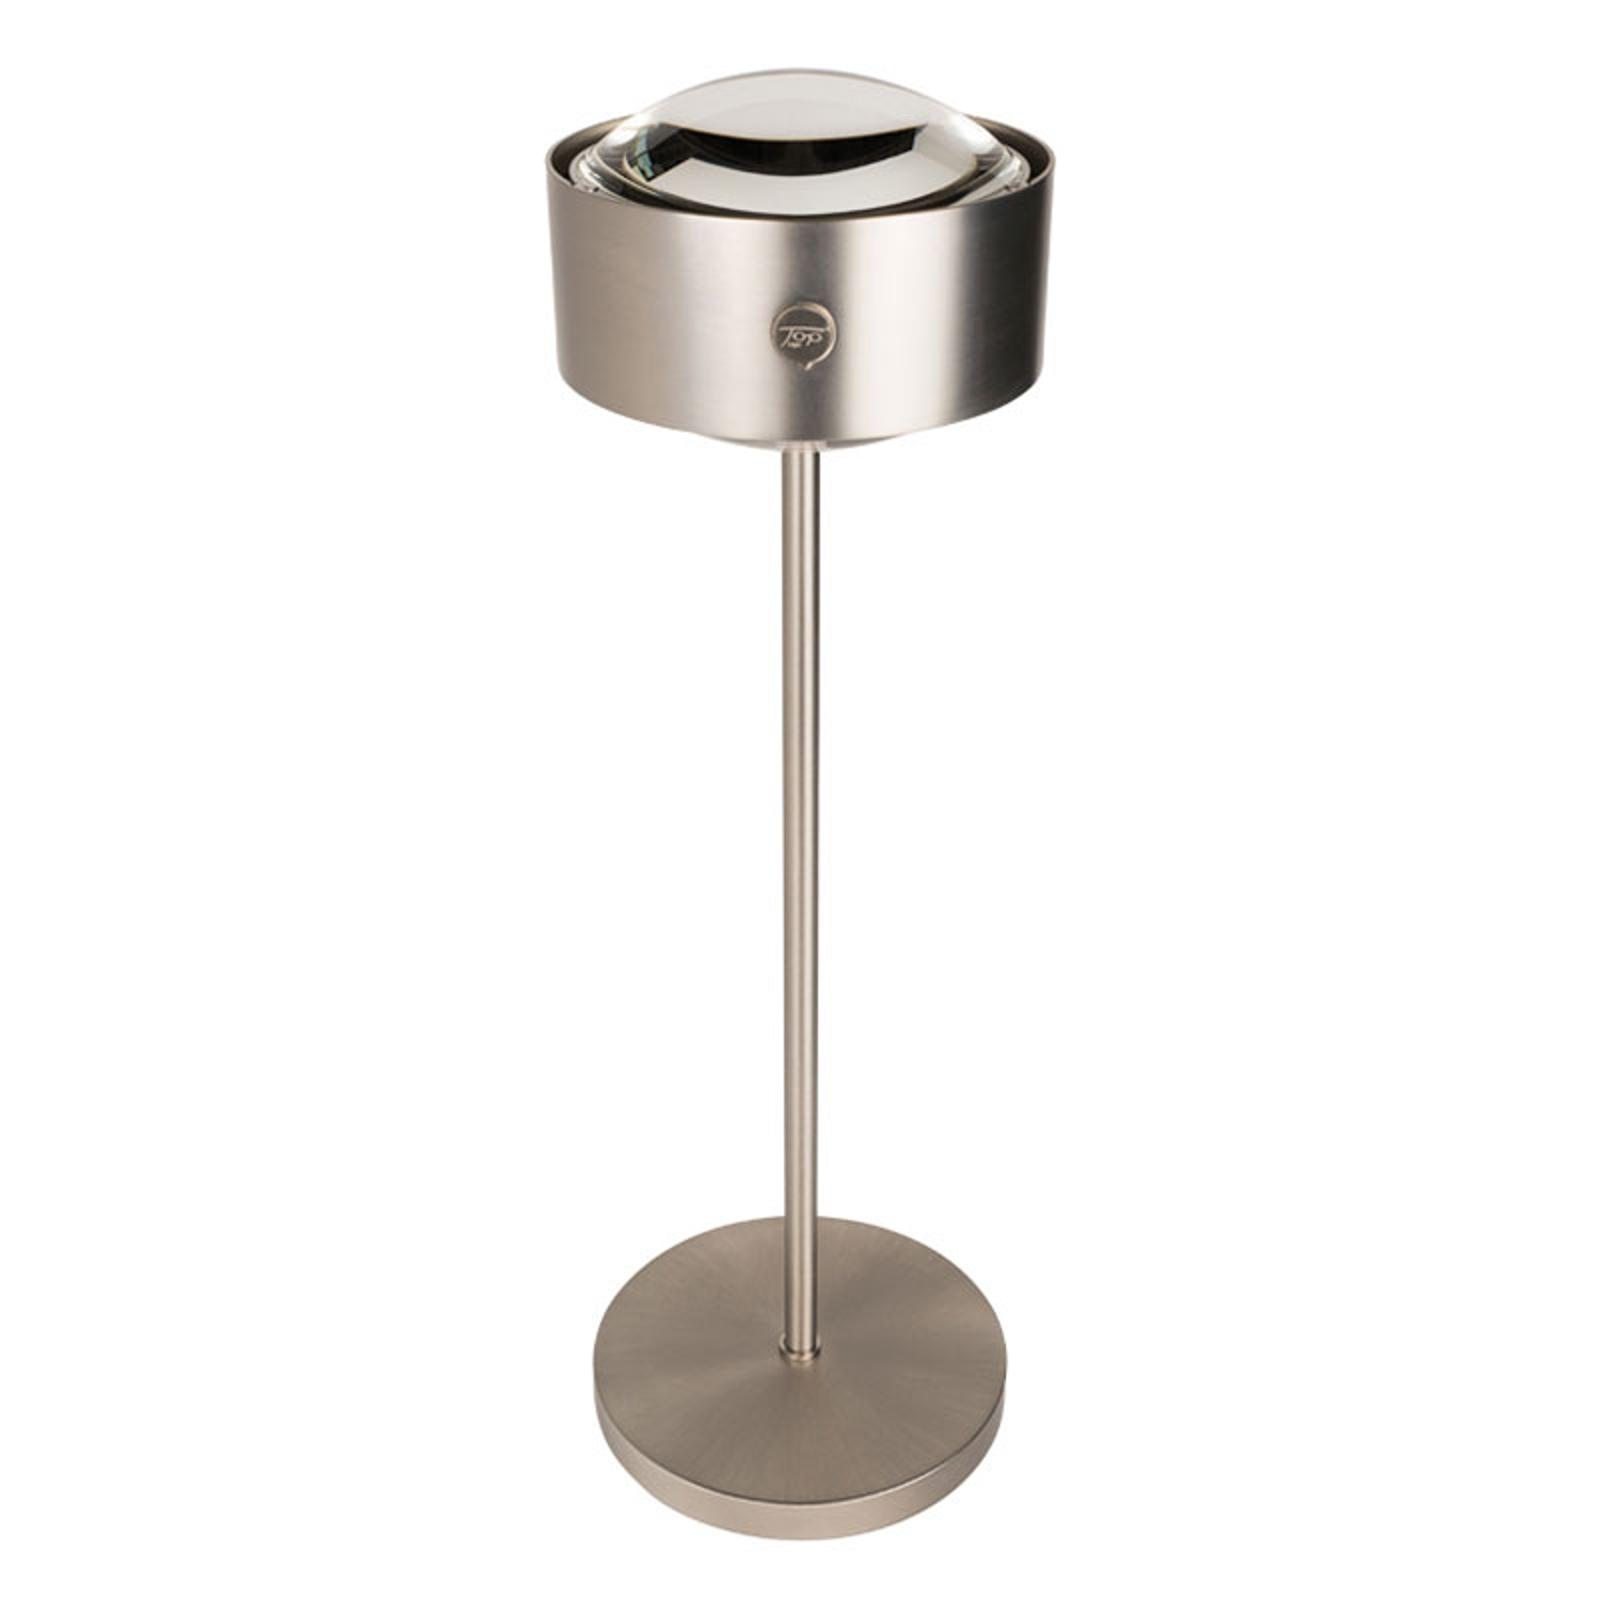 LED-Tischlampe Puk Meg Maxx Eye Table, Metalllook